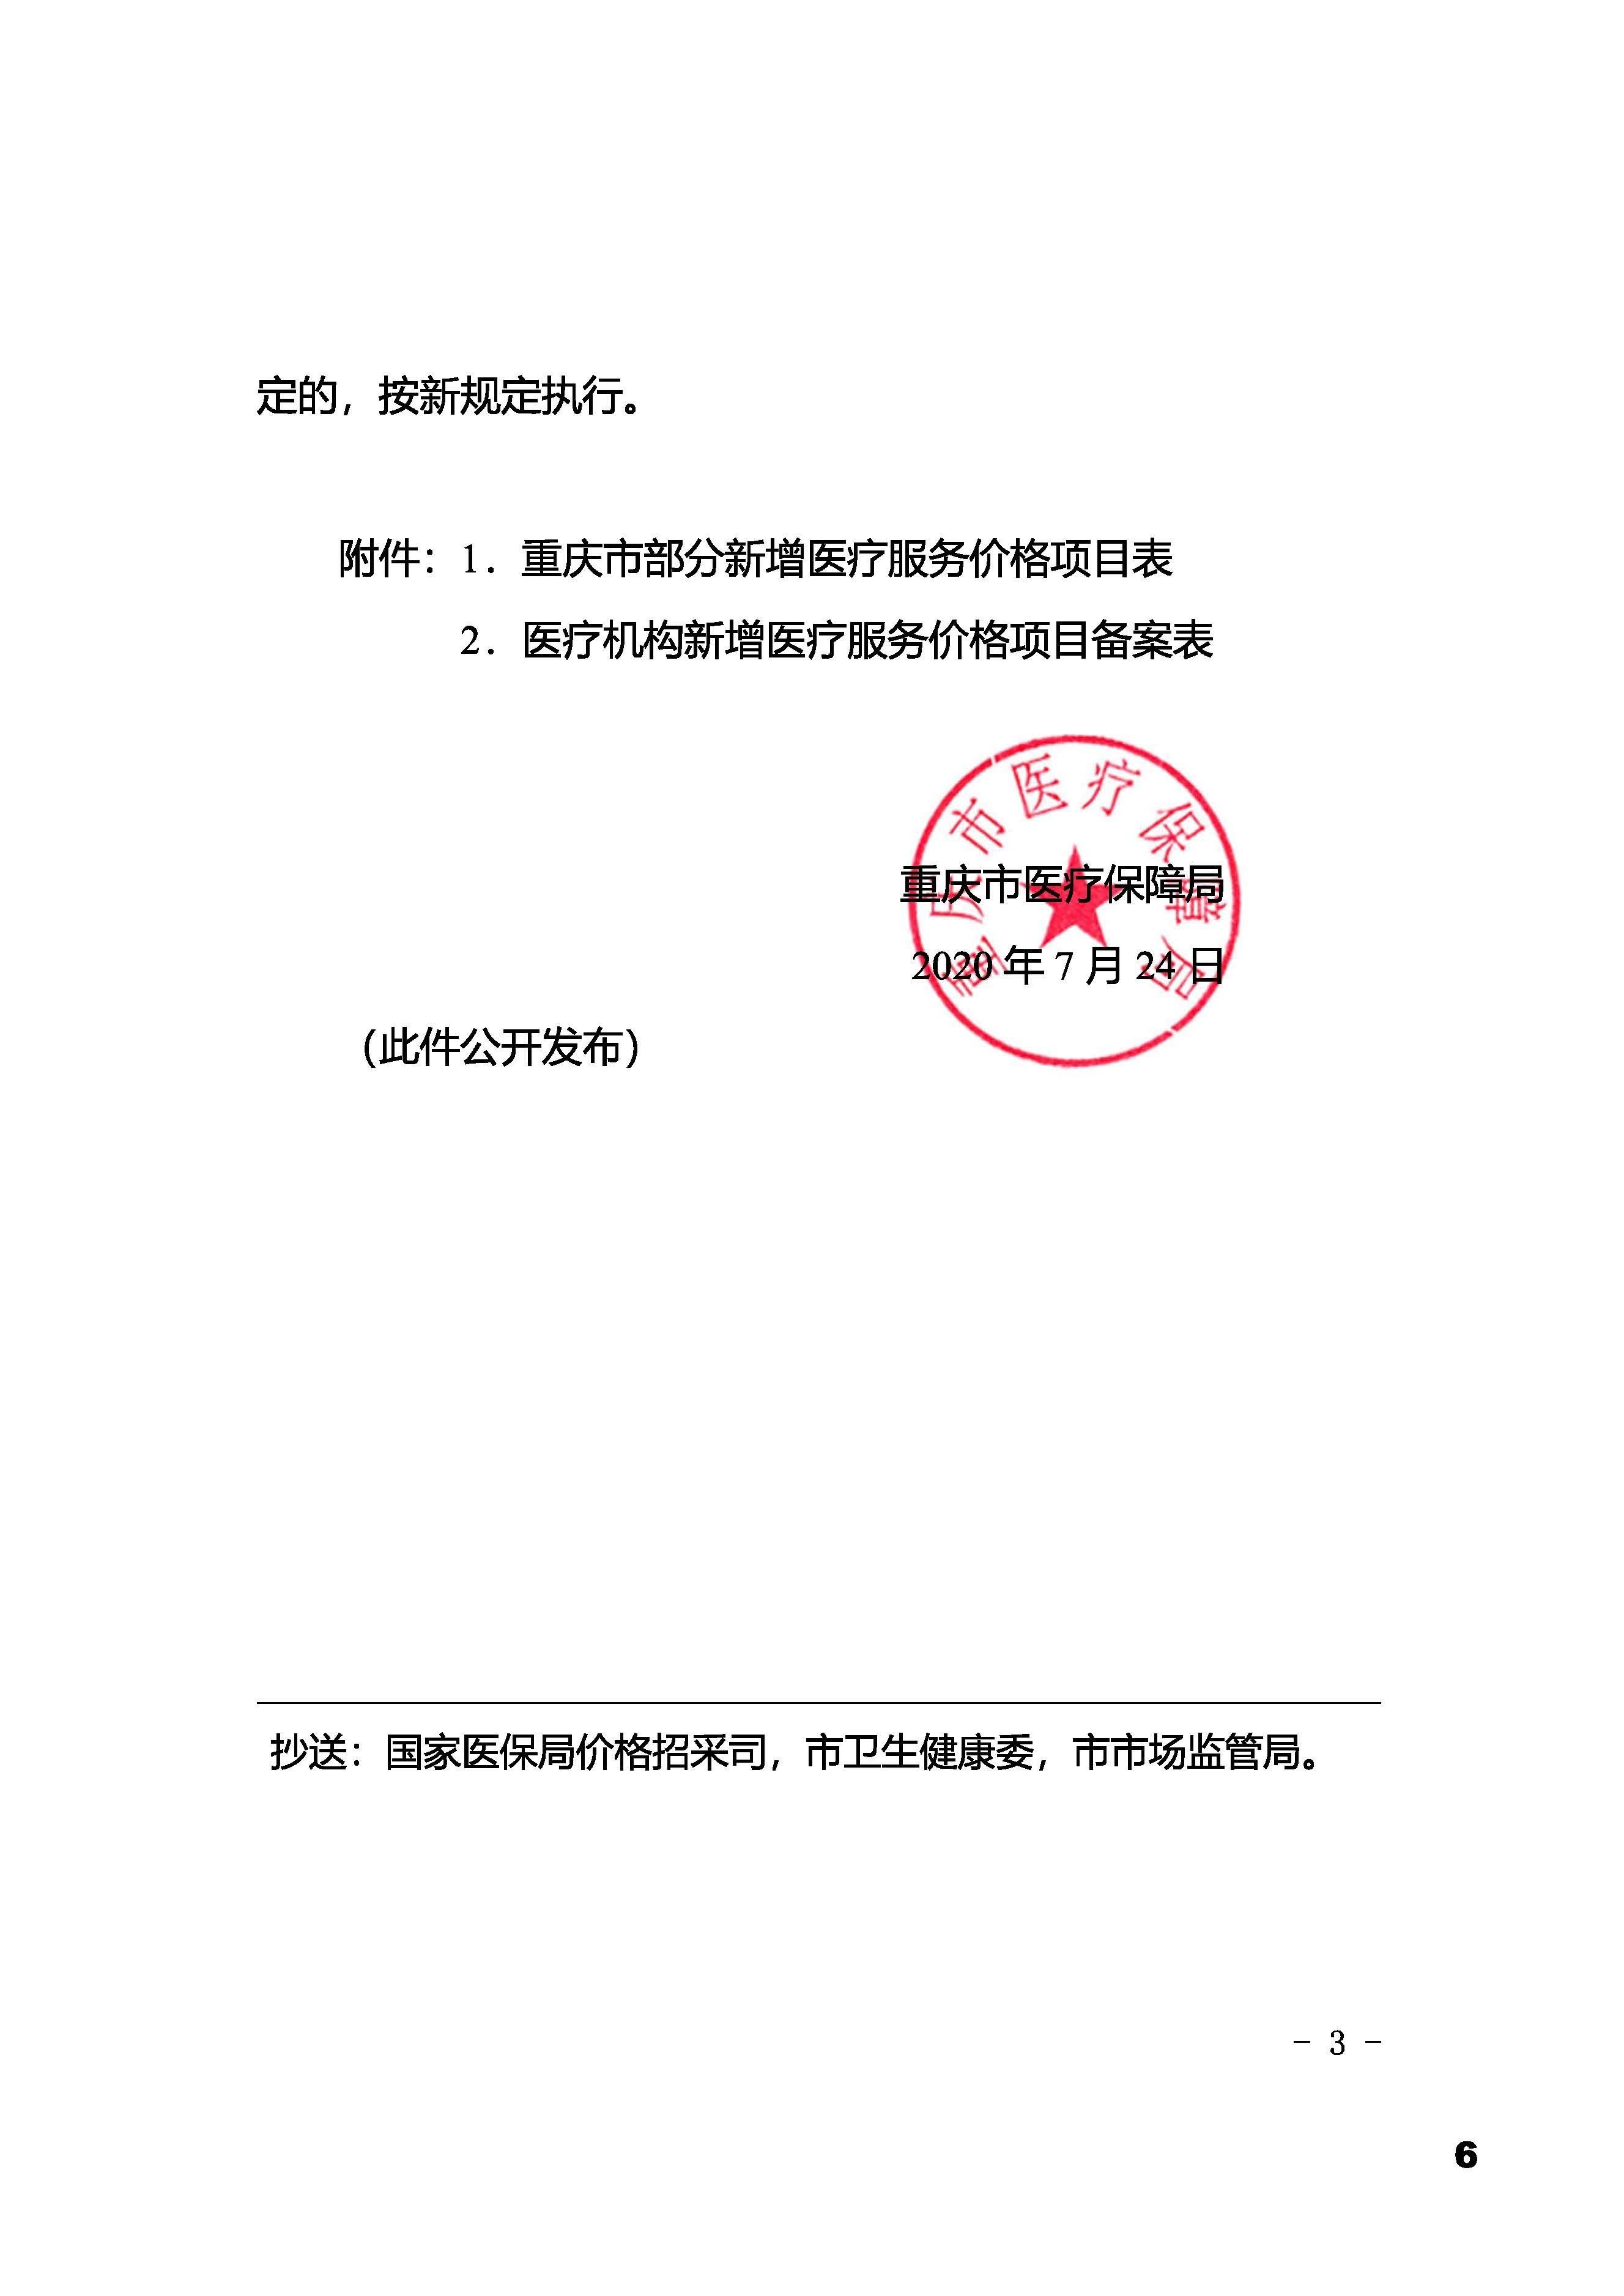 重庆市冲洗术物价获批文件_页面_3